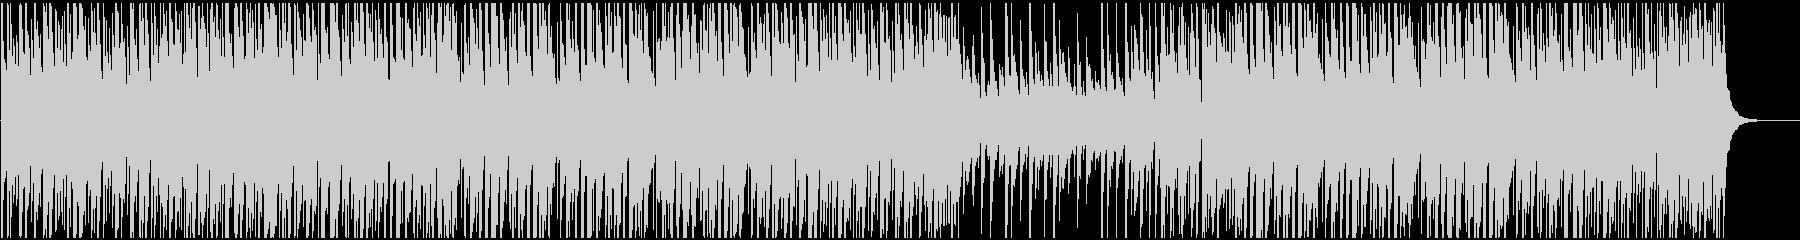 クリスマスBGM 可愛くしっかりサウンドの未再生の波形